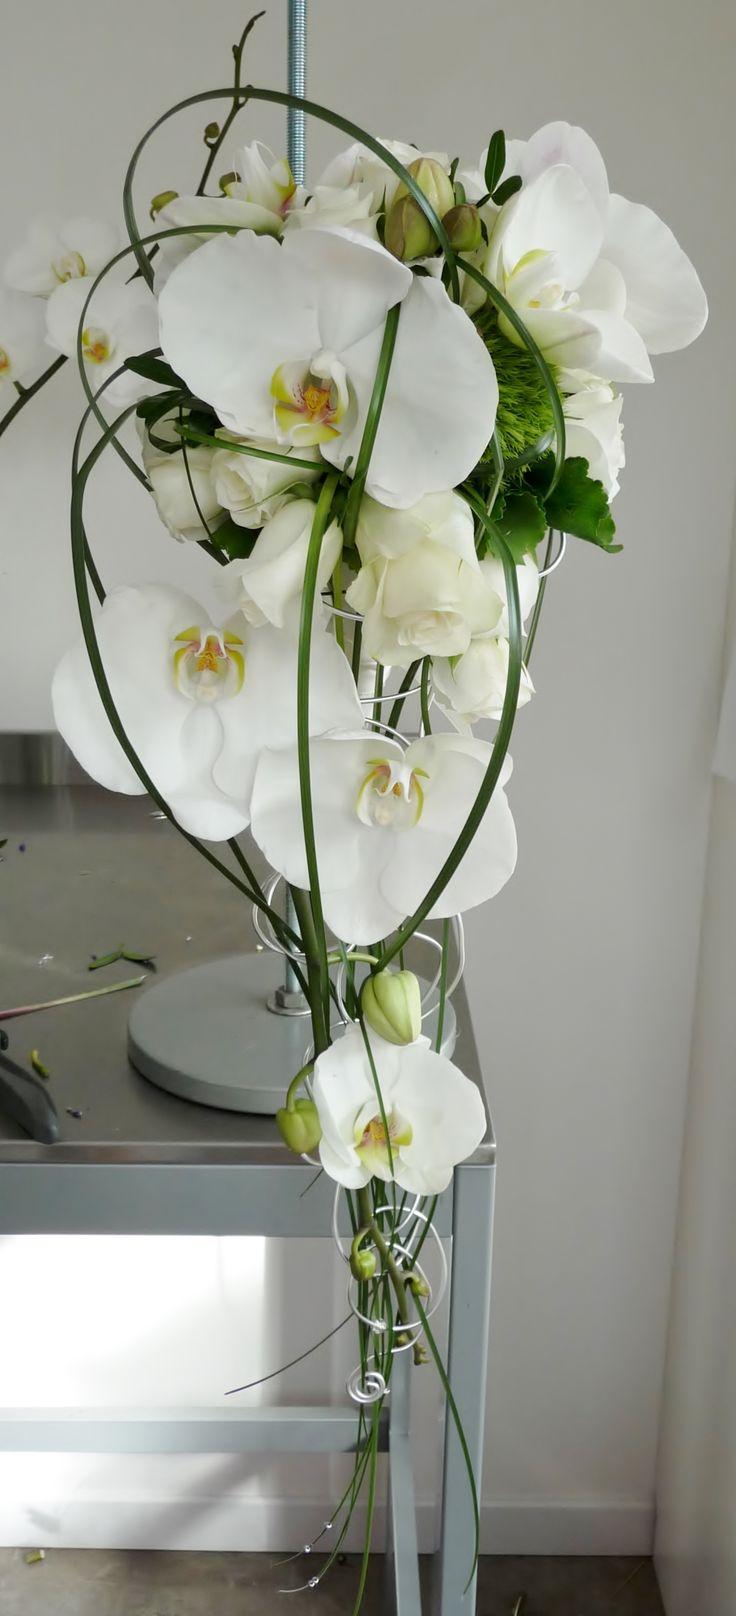 Les 25 Meilleures Id Es De La Cat Gorie Cascade De Bouquets De Mariage Sur Pinterest Bouquet